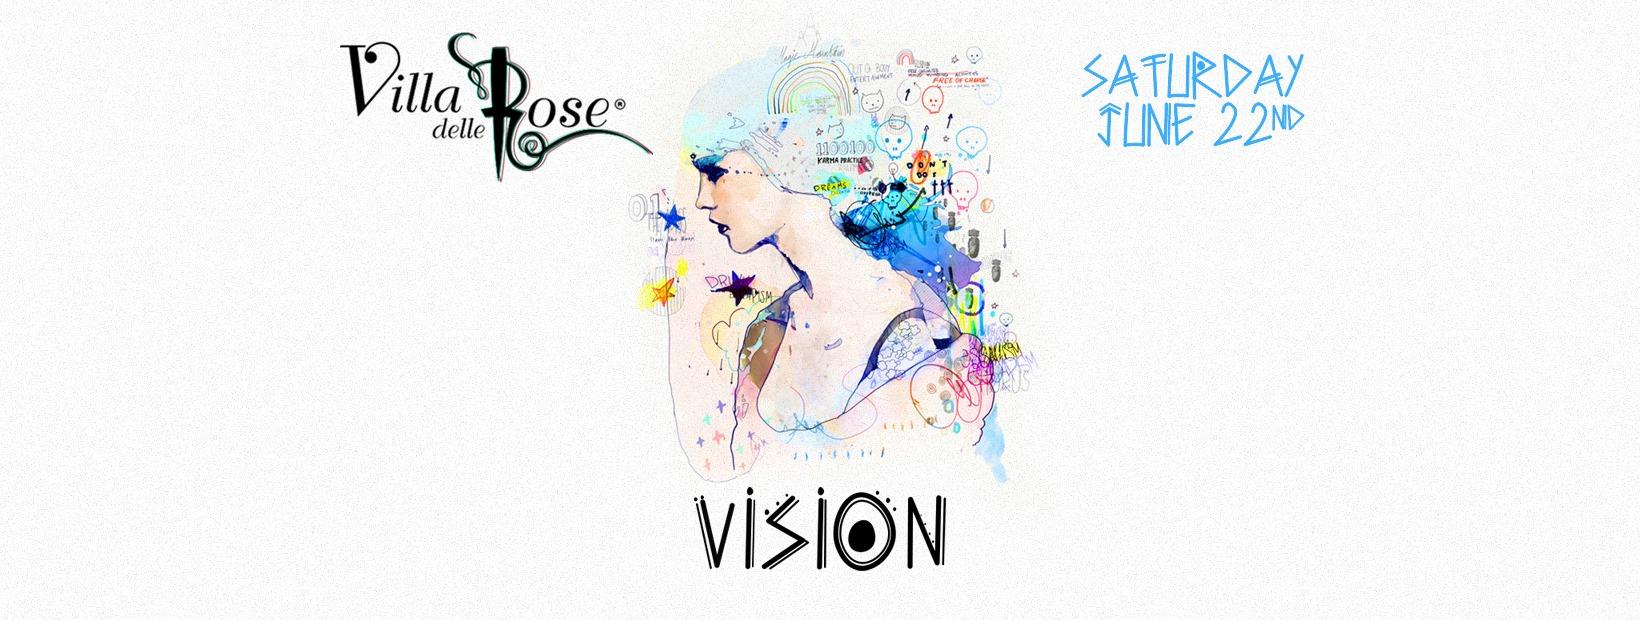 villa delle rose sabato 22 giugno vision